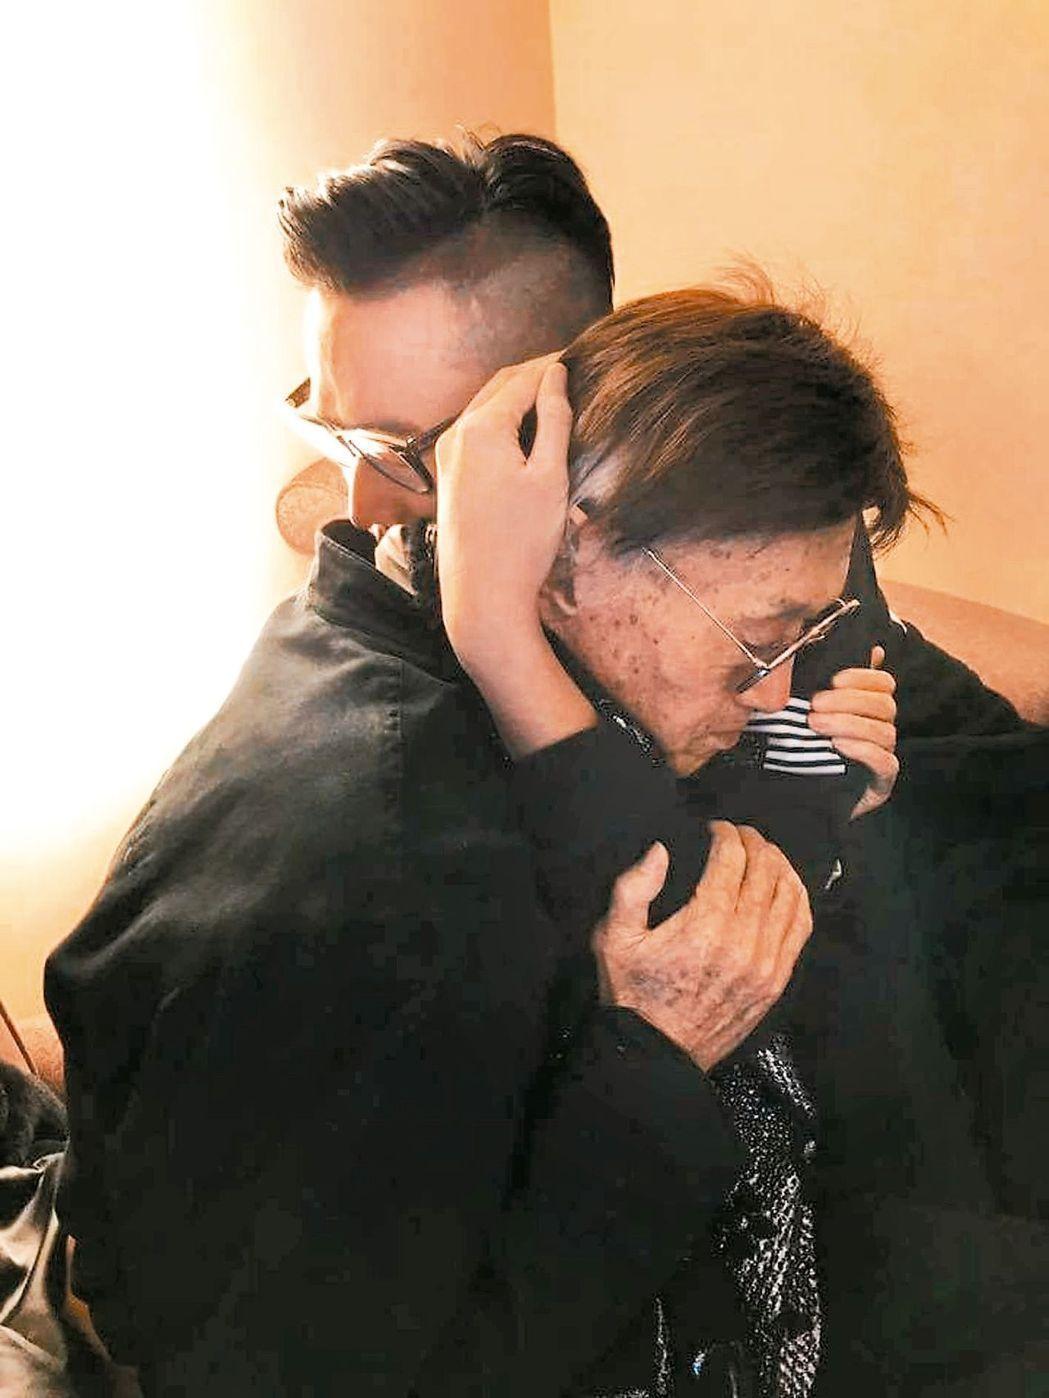 傅達仁一心求死,和兒子擁抱那刻,感動許多人。圖/傅達仁臉書